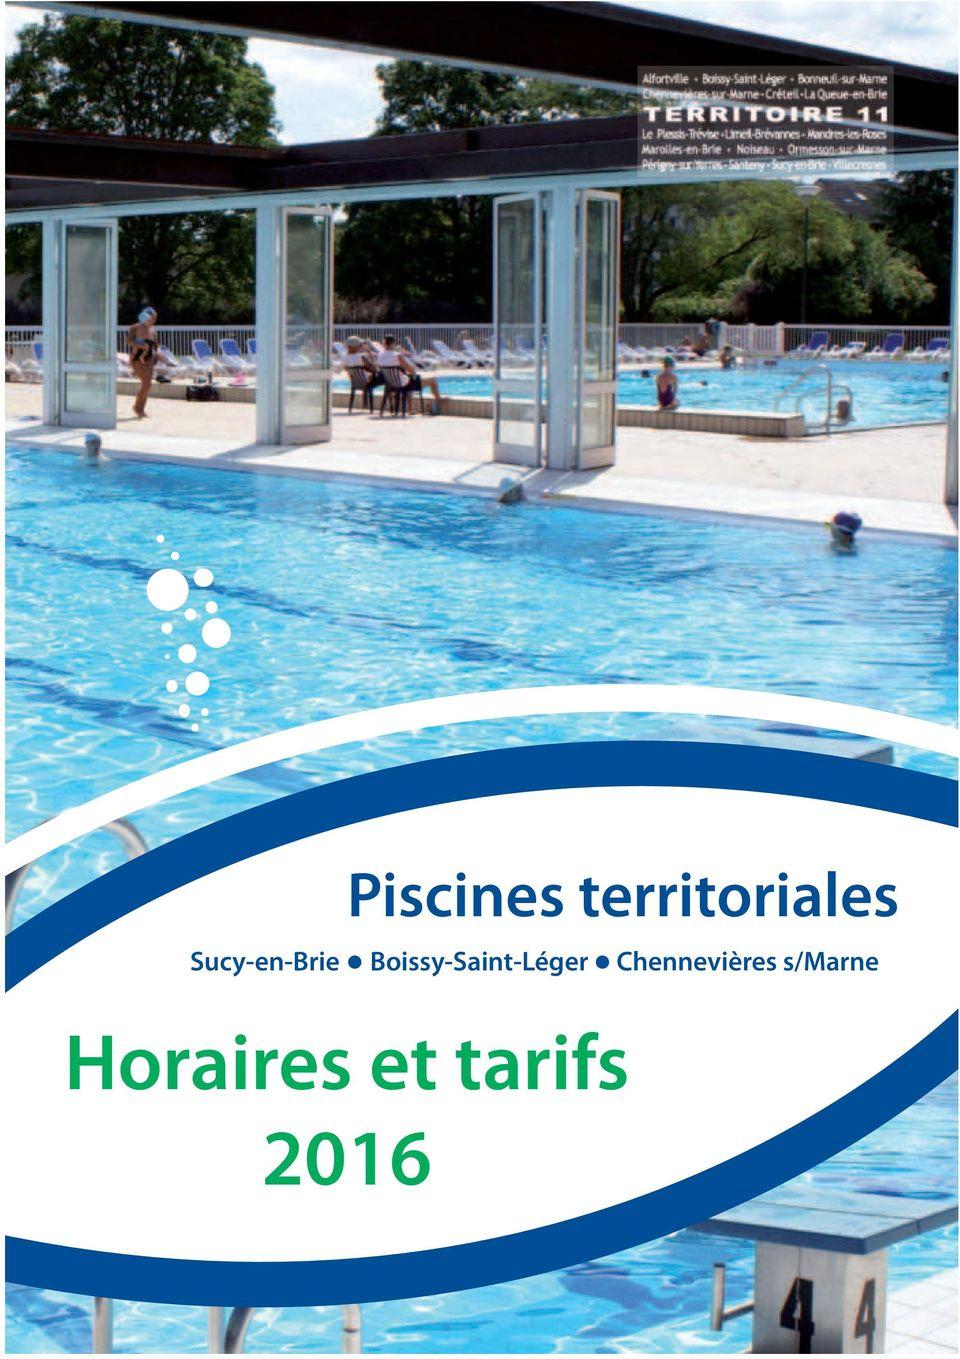 Piscines Territoriales. Sucy-En-Brie Boissy-Saint-Léger ... tout Piscine De Sucy En Brie